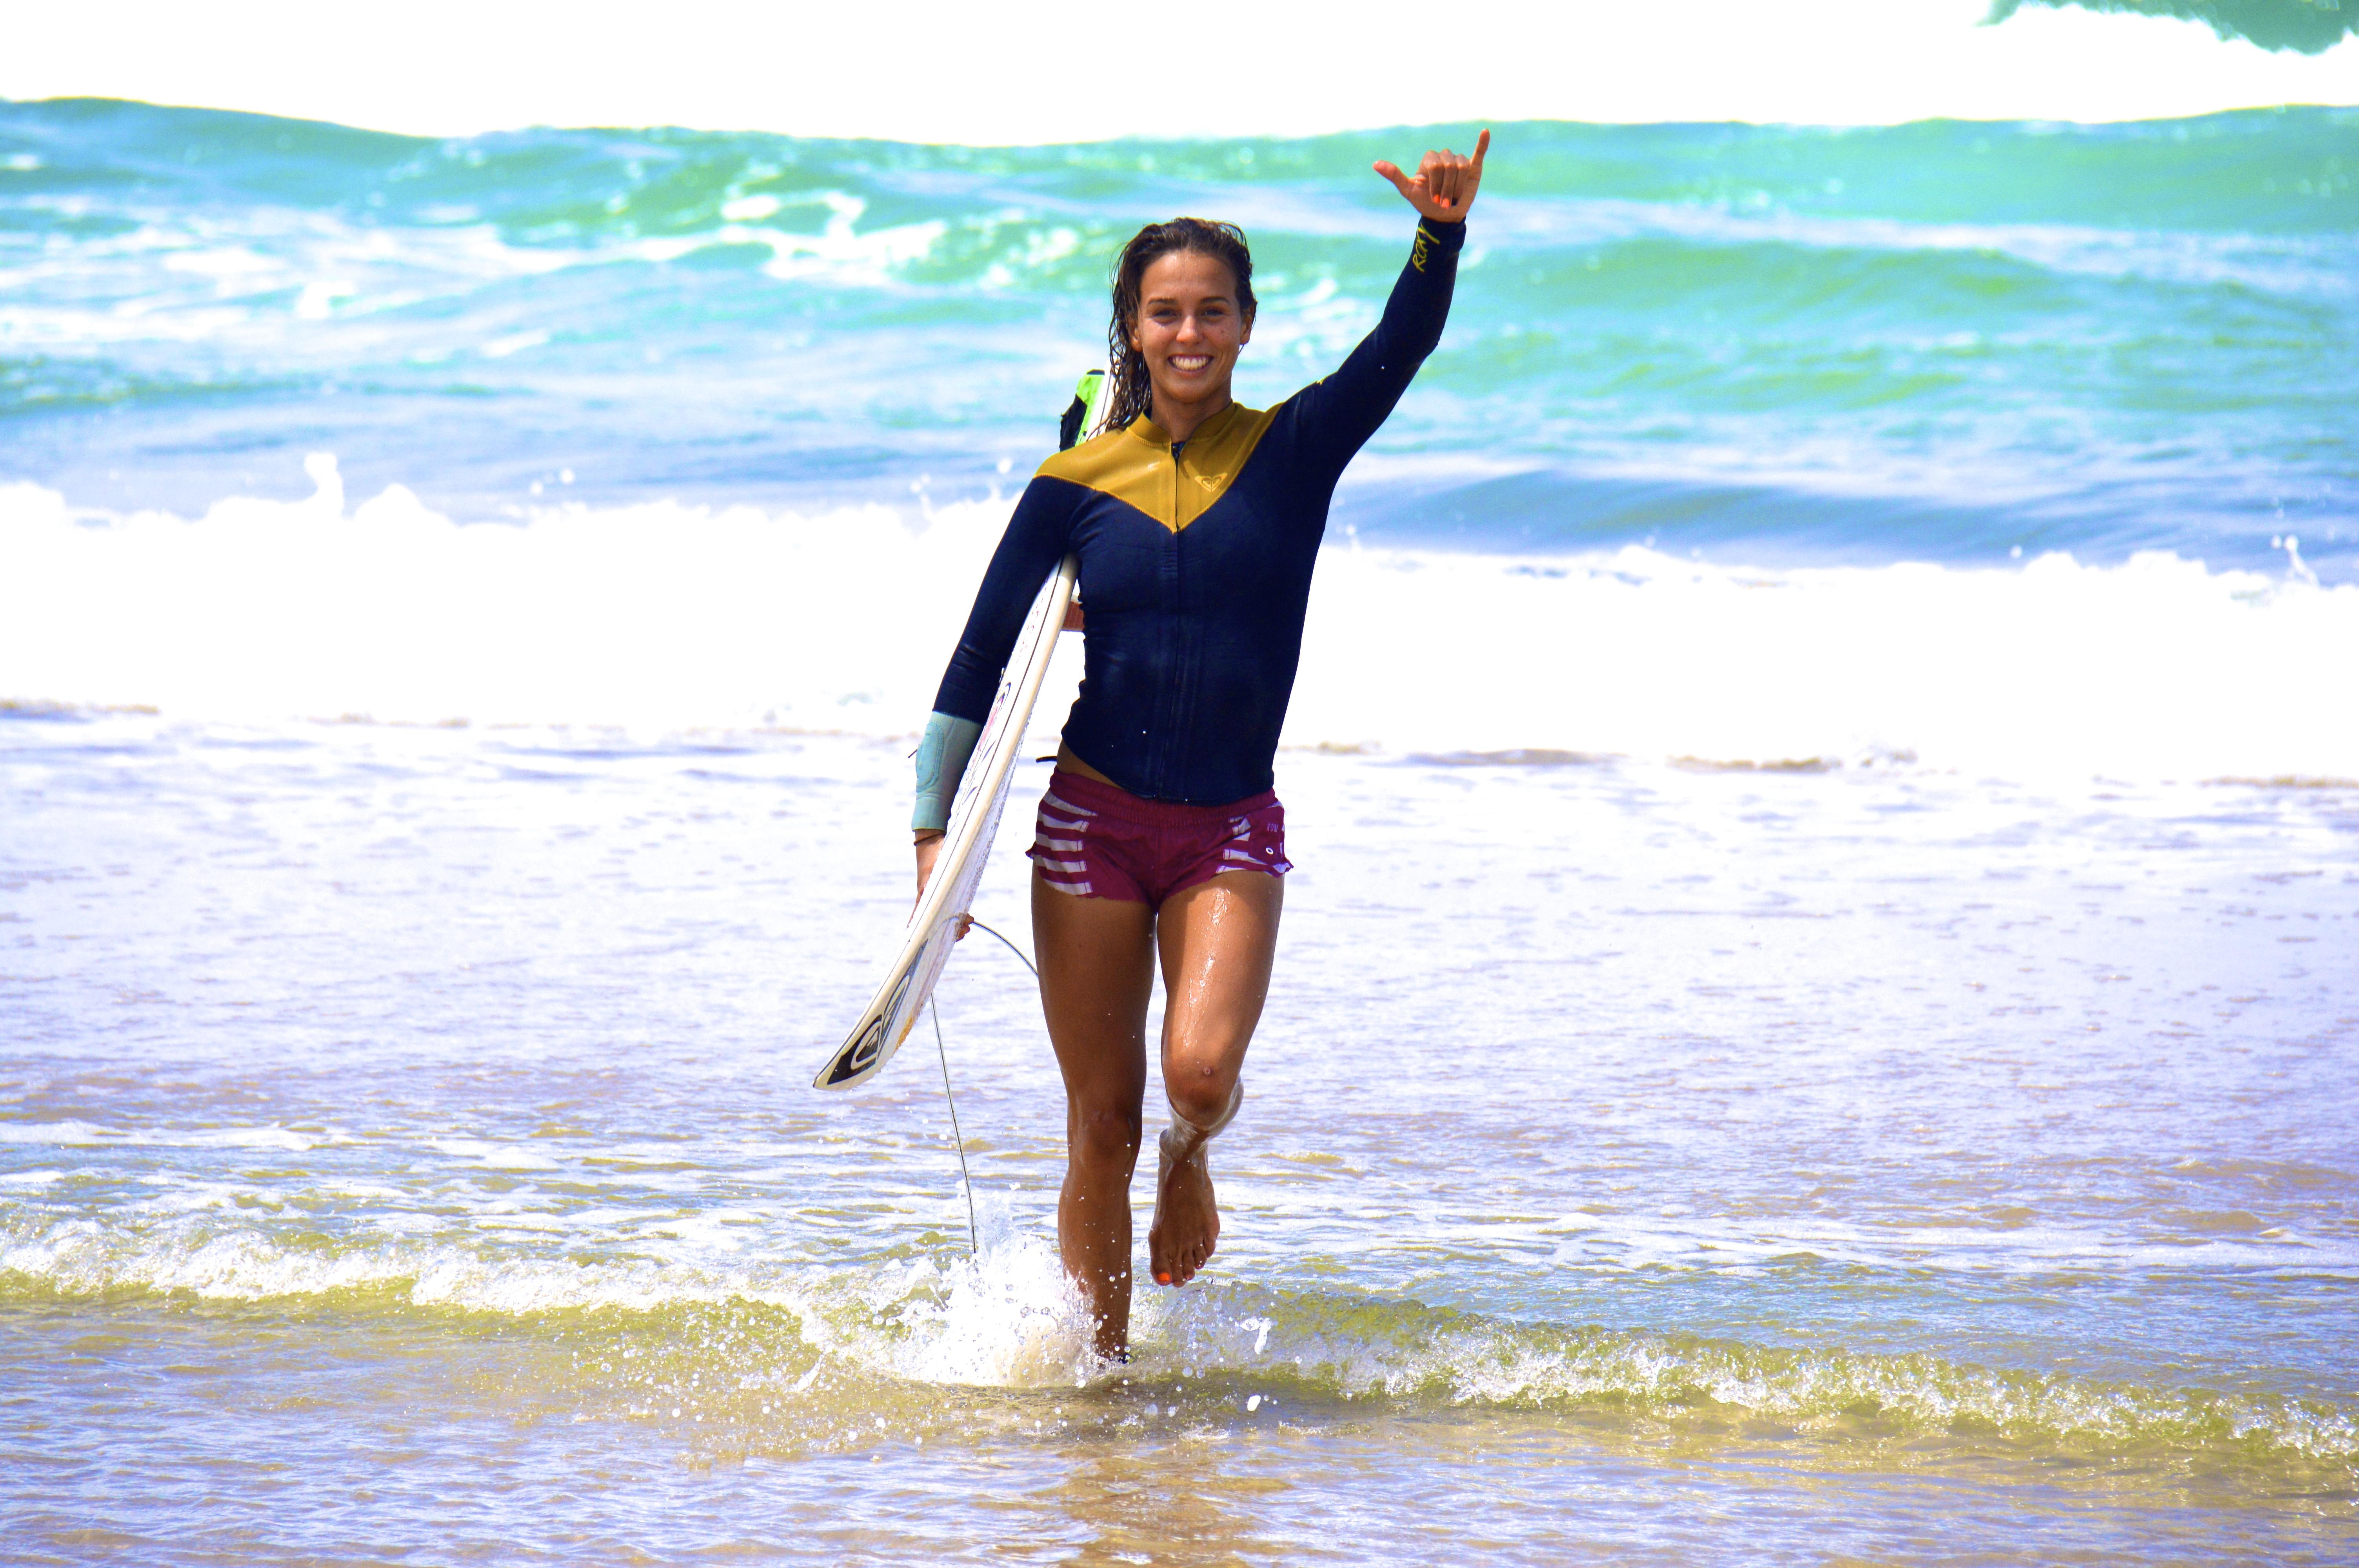 Shakas Sally Aussie Surfer